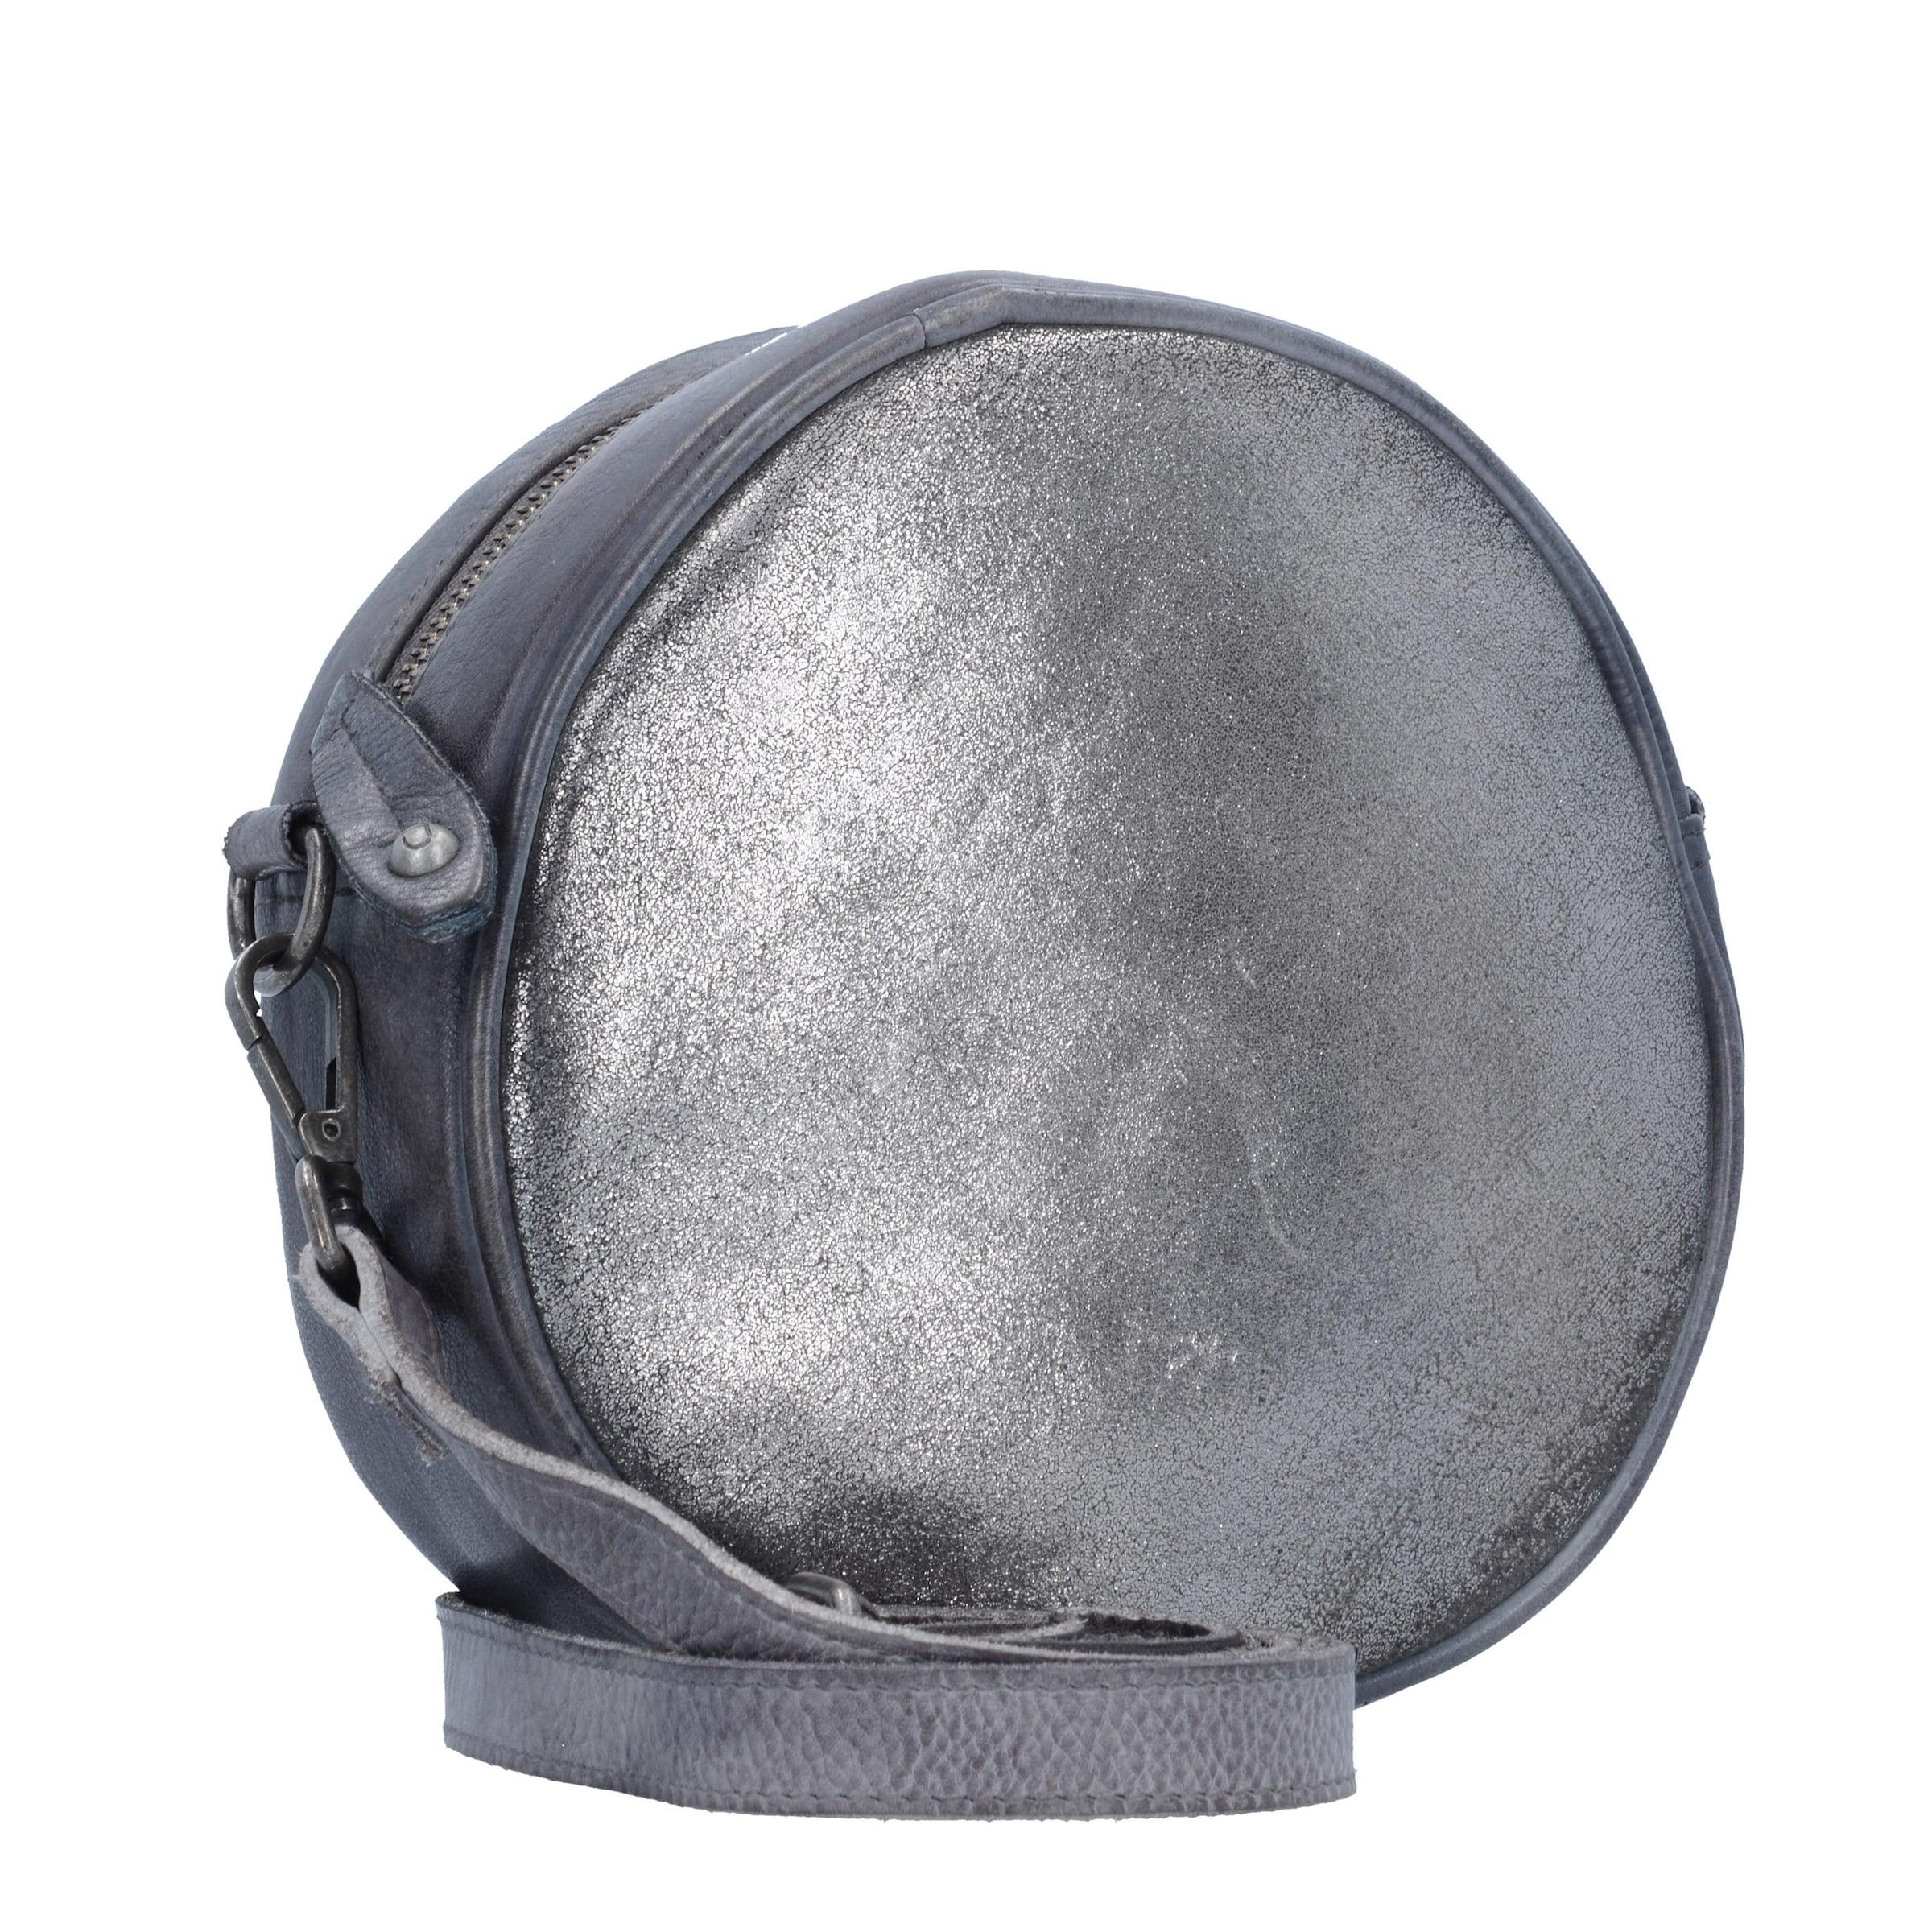 Umhängetasche 'mini Bag' Wien Grau Taschendieb In NvmwOny80